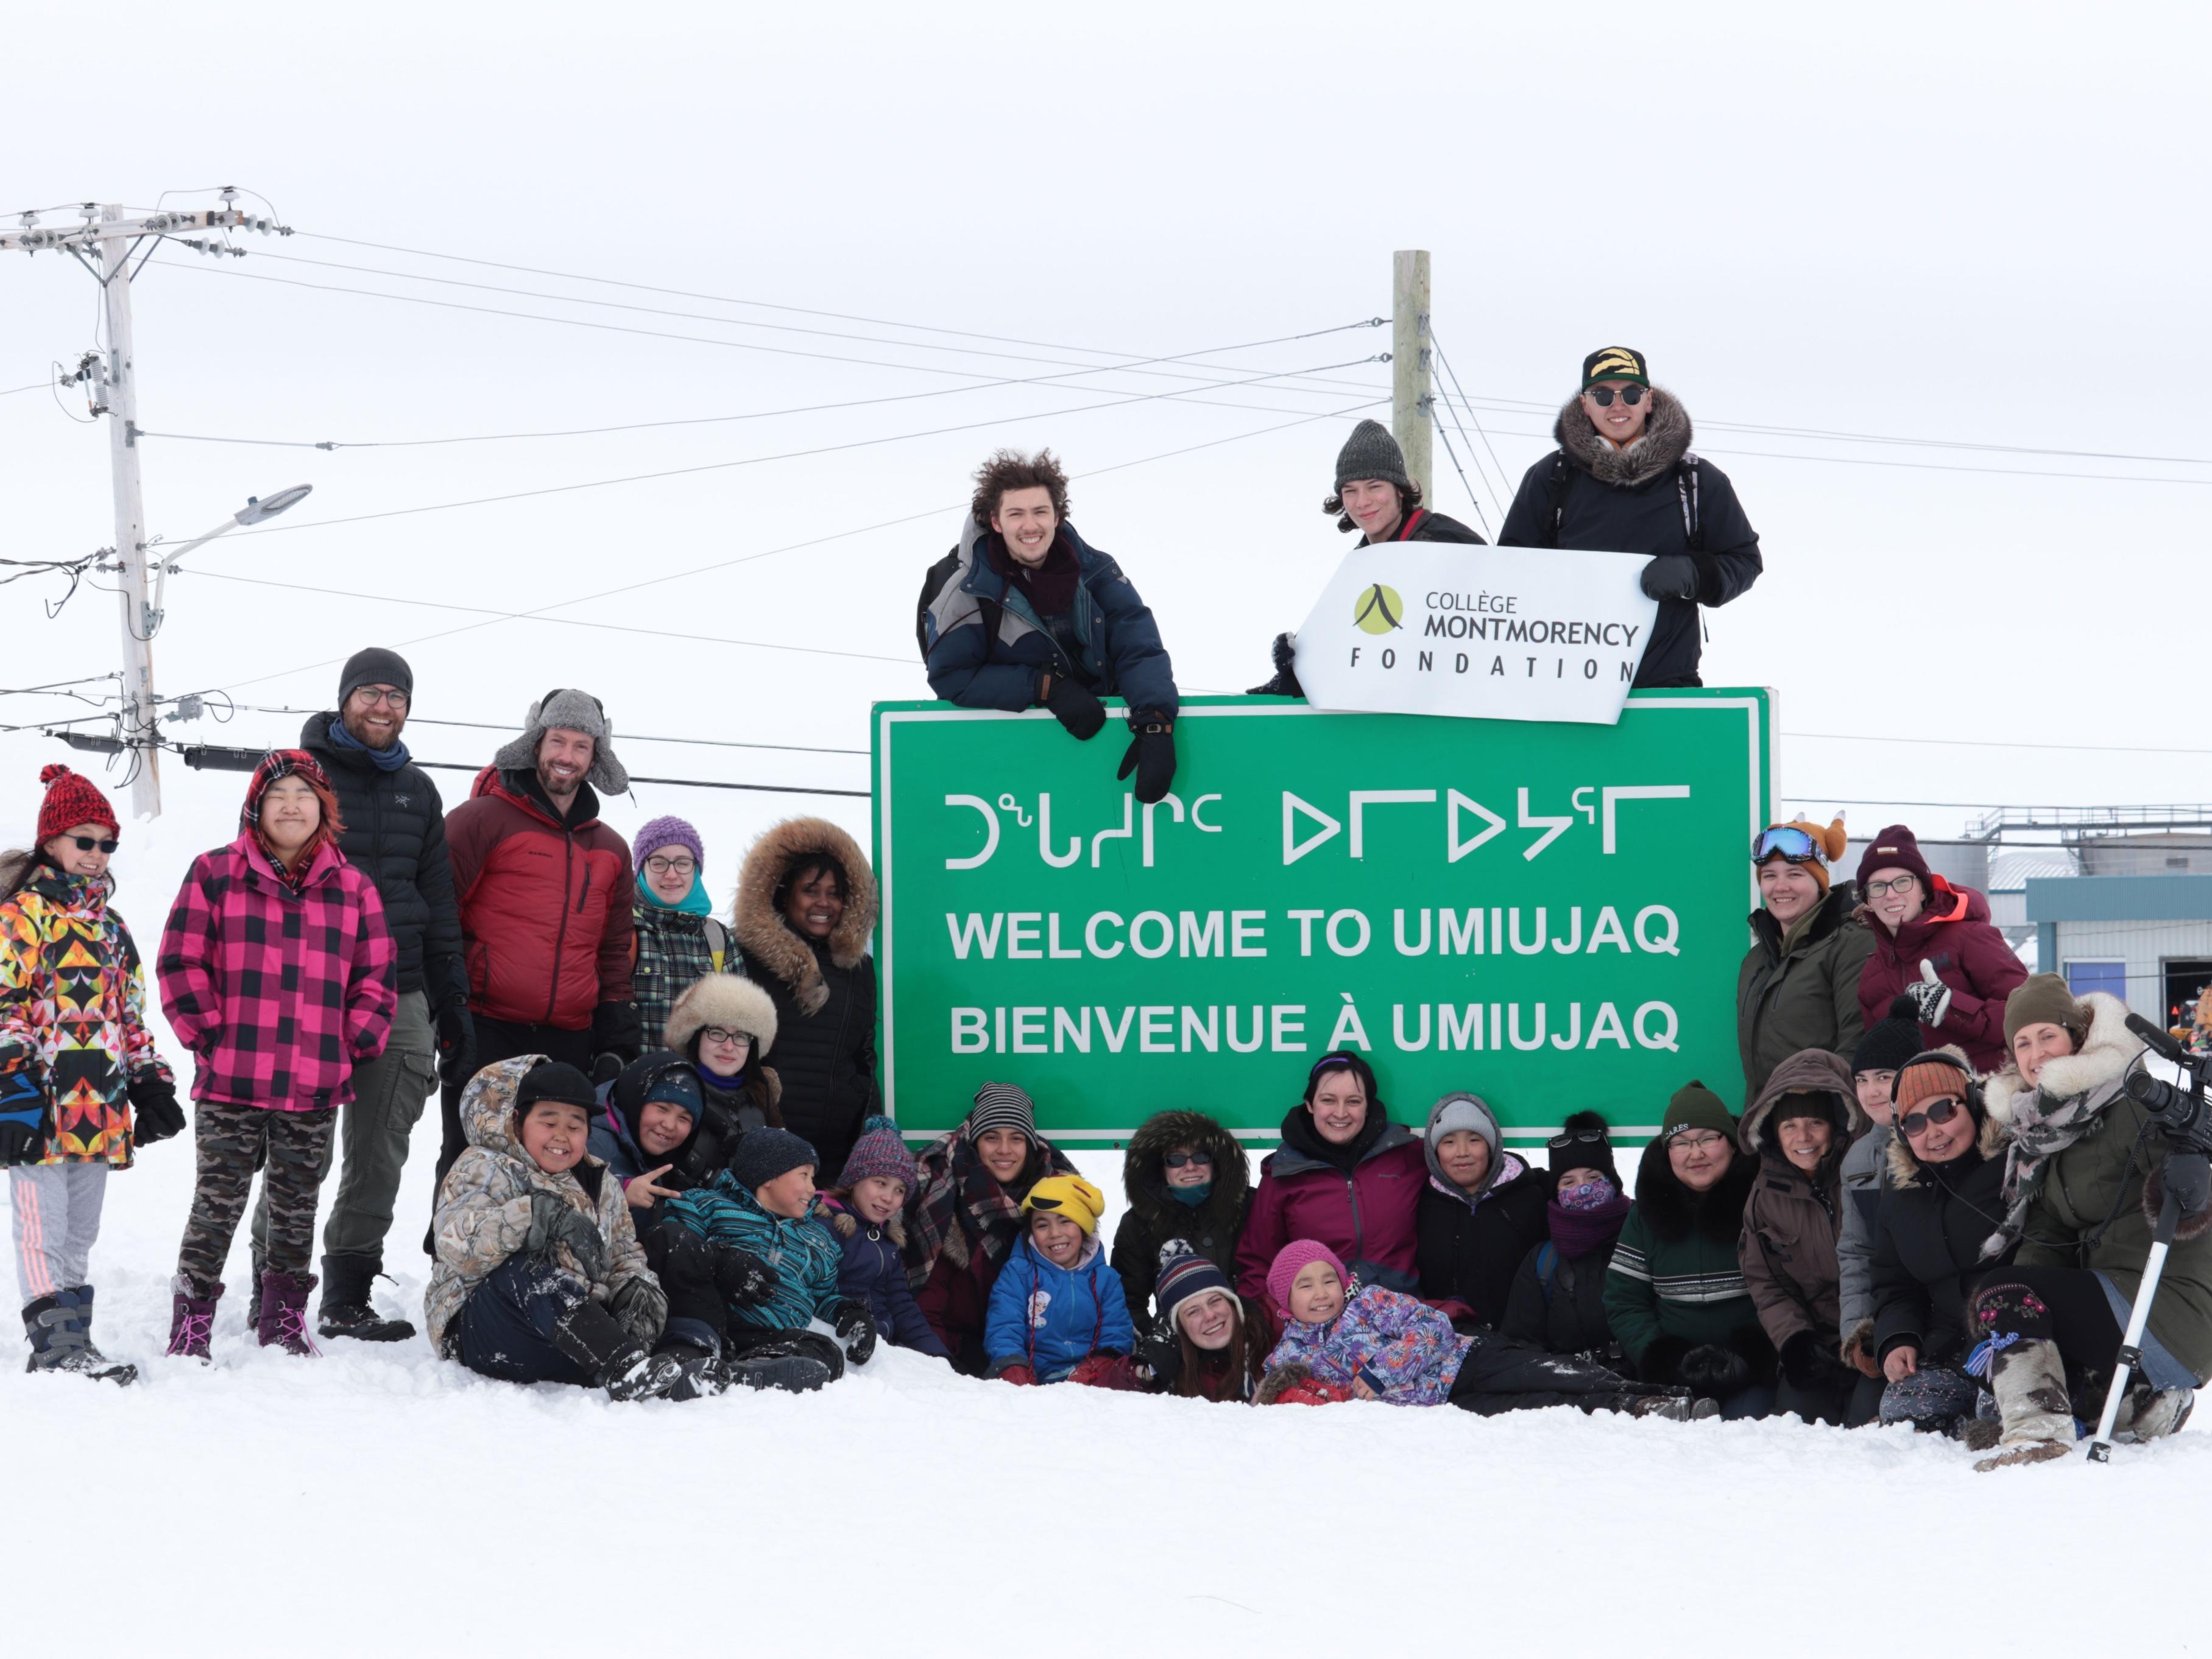 En mars, 16 étudiants se sont rendus dans le village d'Umiujaq au Nunavik pour un projet en collaboration avec la Commission scolaire Kativik. Le séjour avait différents objectifs dont le tournage de courts documentaires, l'animation de classes et du Club des petits déjeuners et la présentation du parcours vers les études postsecondaires.